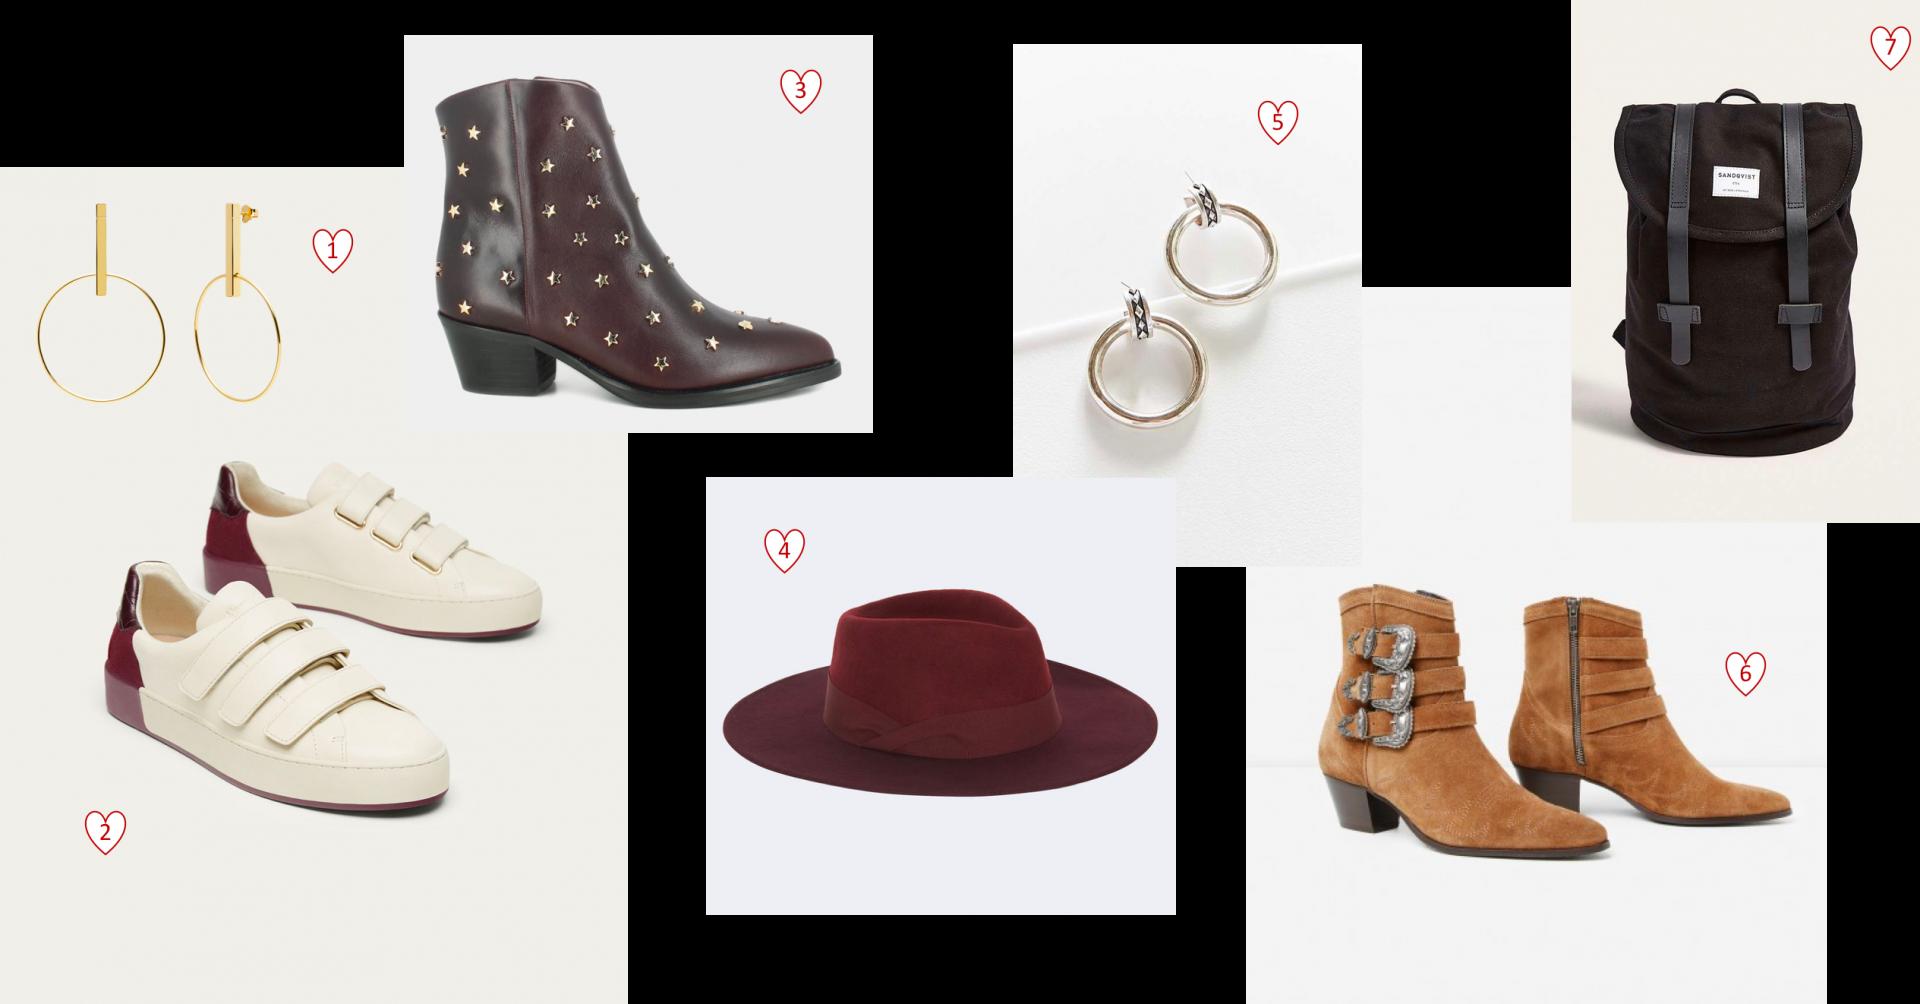 Sharefashion - Soldes 2018 sélection de chaussures et accessoires